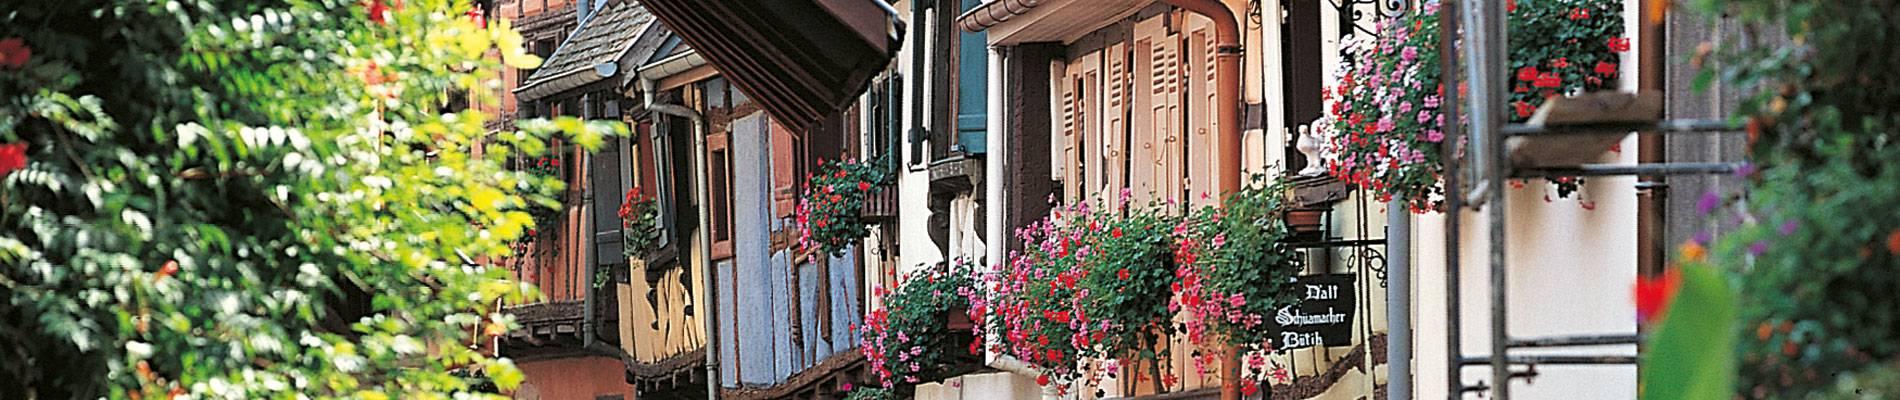 Eguisheim-Vin.jpg